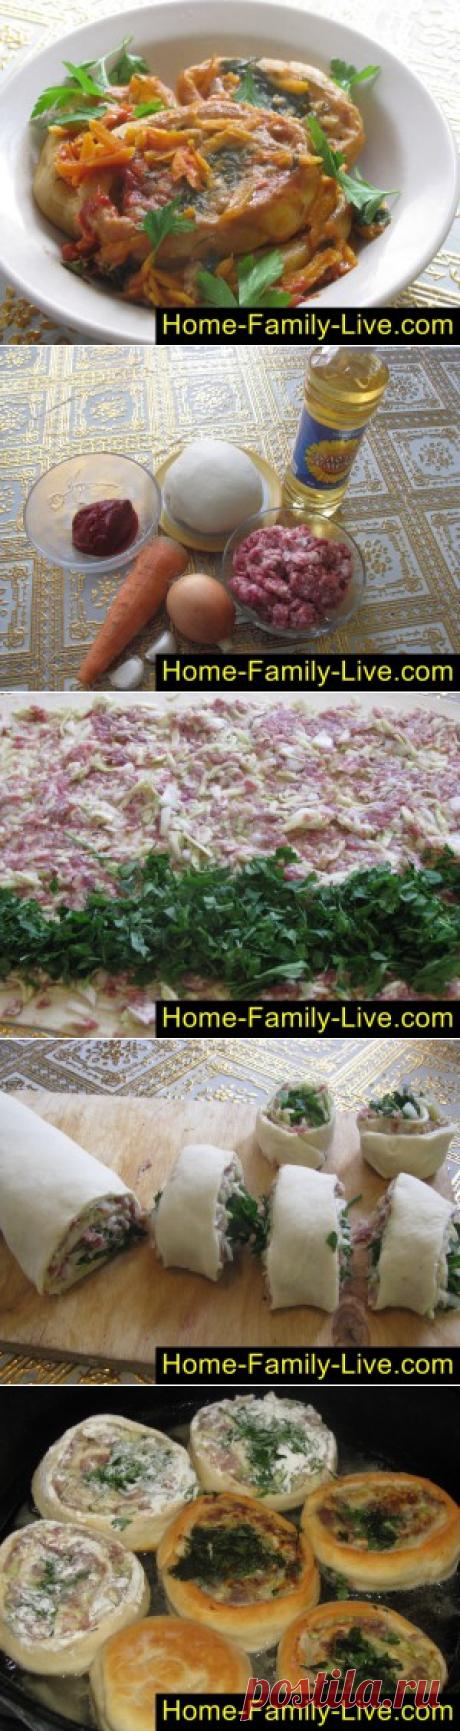 Гусарики - пошаговый фоторецепт - рулет из теста с мясным фаршем в соуКулинарные рецепты